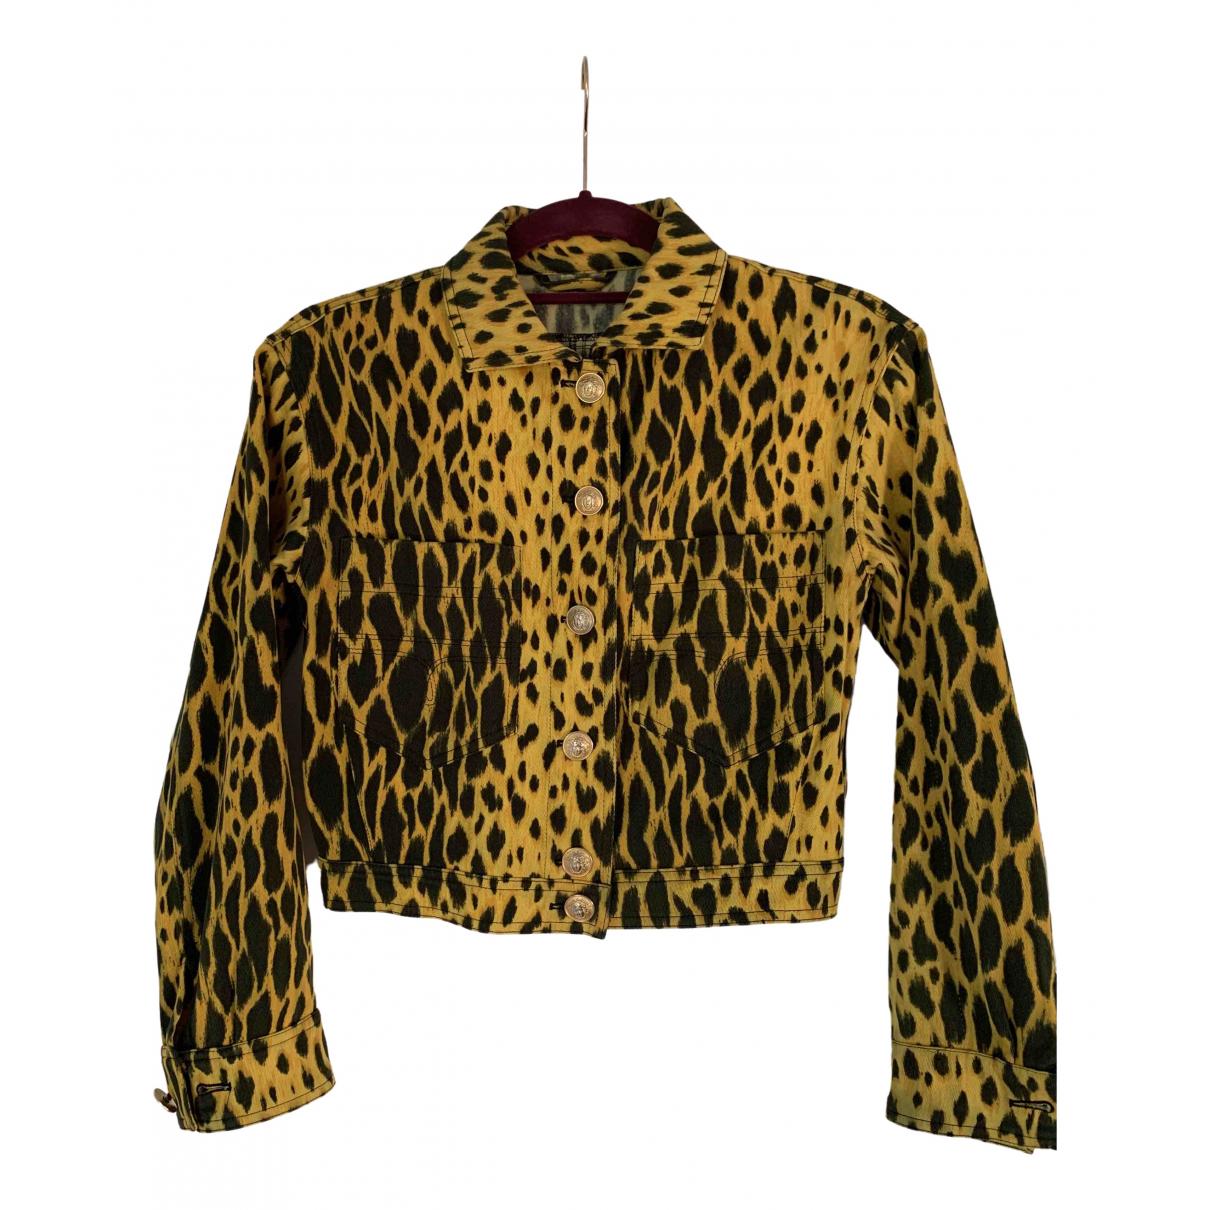 Gianni Versace \N Jacke in  Gelb Denim - Jeans